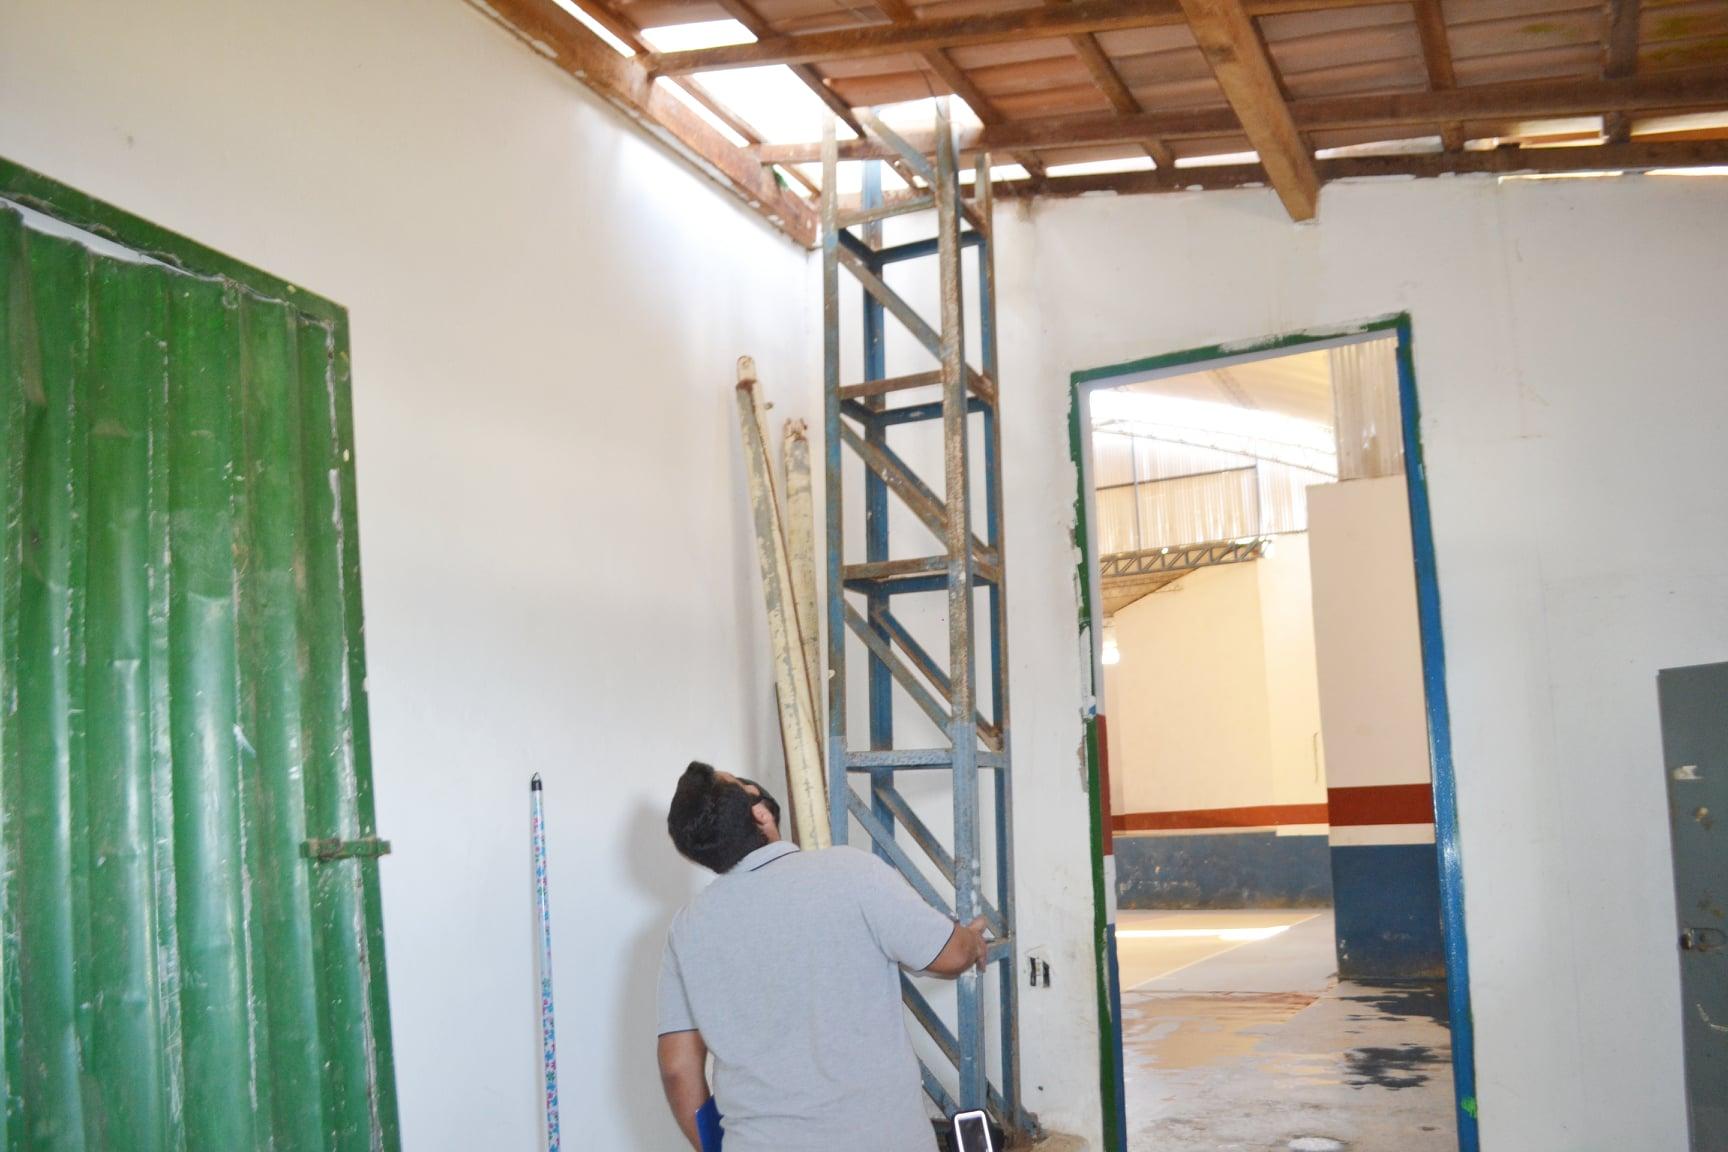 Ginásio de Guaratinga é interditado por corrosão na estrutura metálica 29